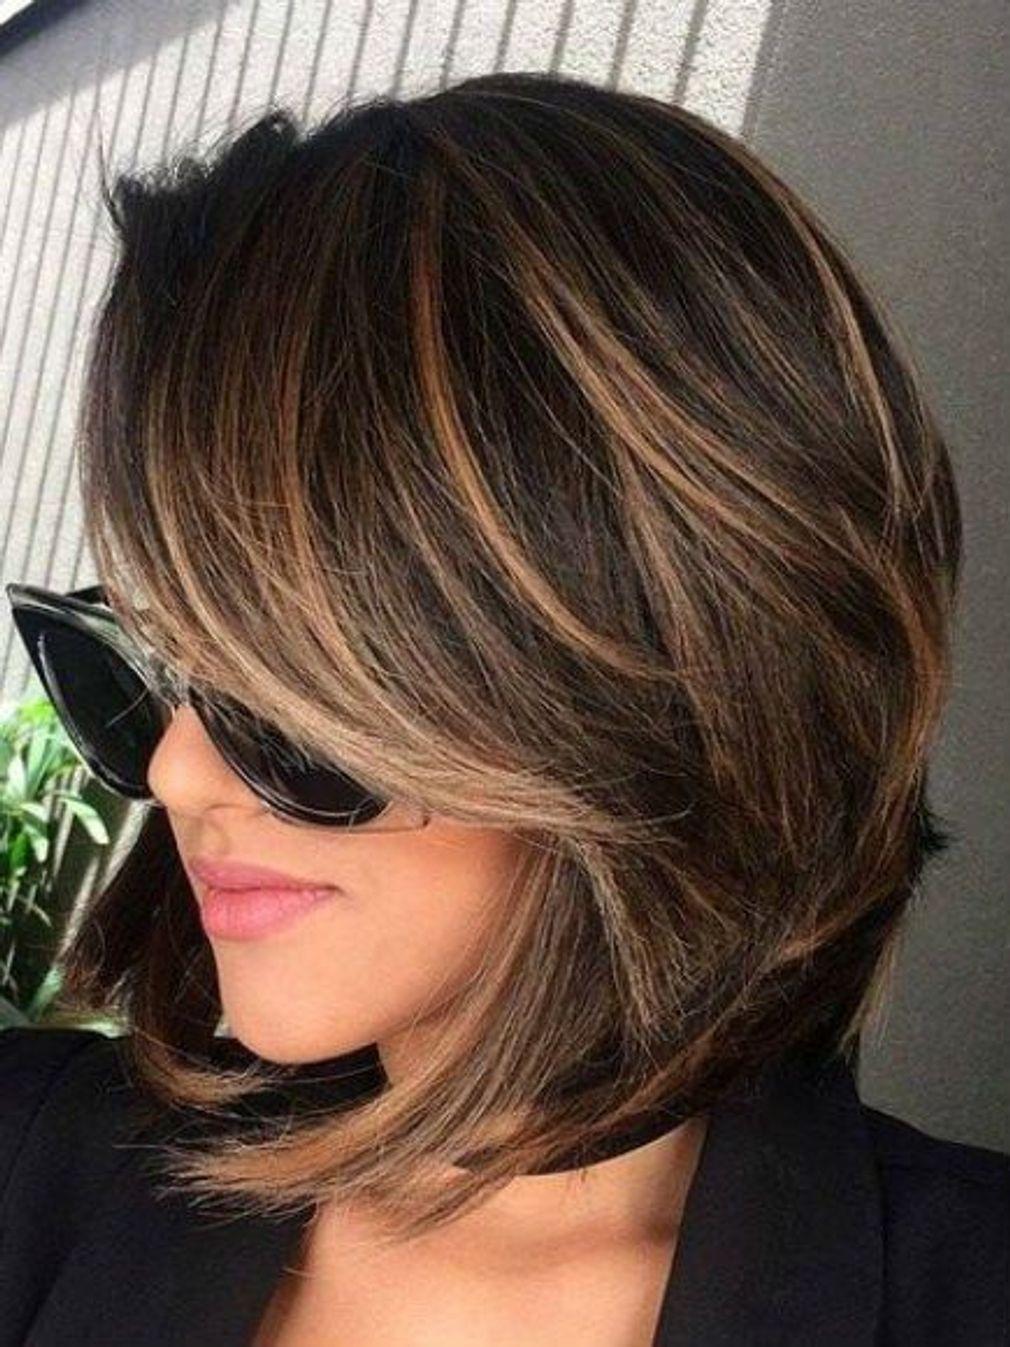 Carre Plongeant Effile Coupe Courte Femme 2020 Tendance | Coiffures Cheveux Longs